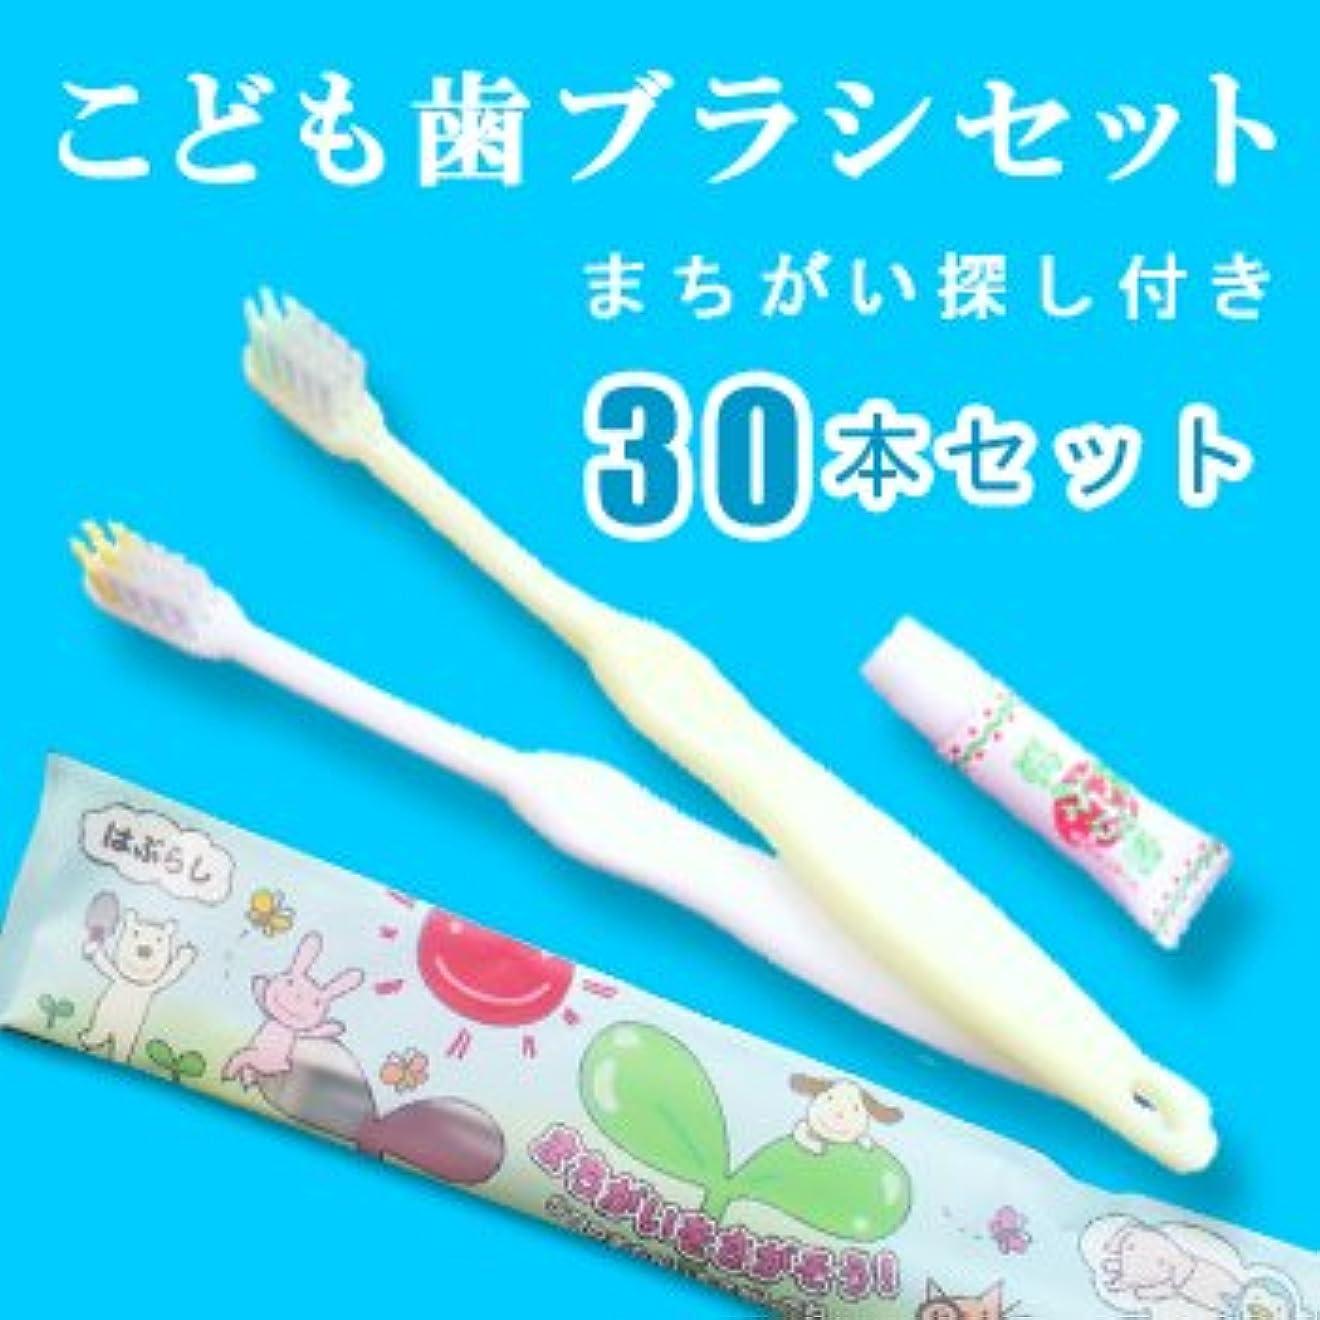 ポップ緊張銀こども歯ブラシ いちご味の歯磨き粉3gチューブ付 ホワイト?イエロー各15本アソート(1セット30本)